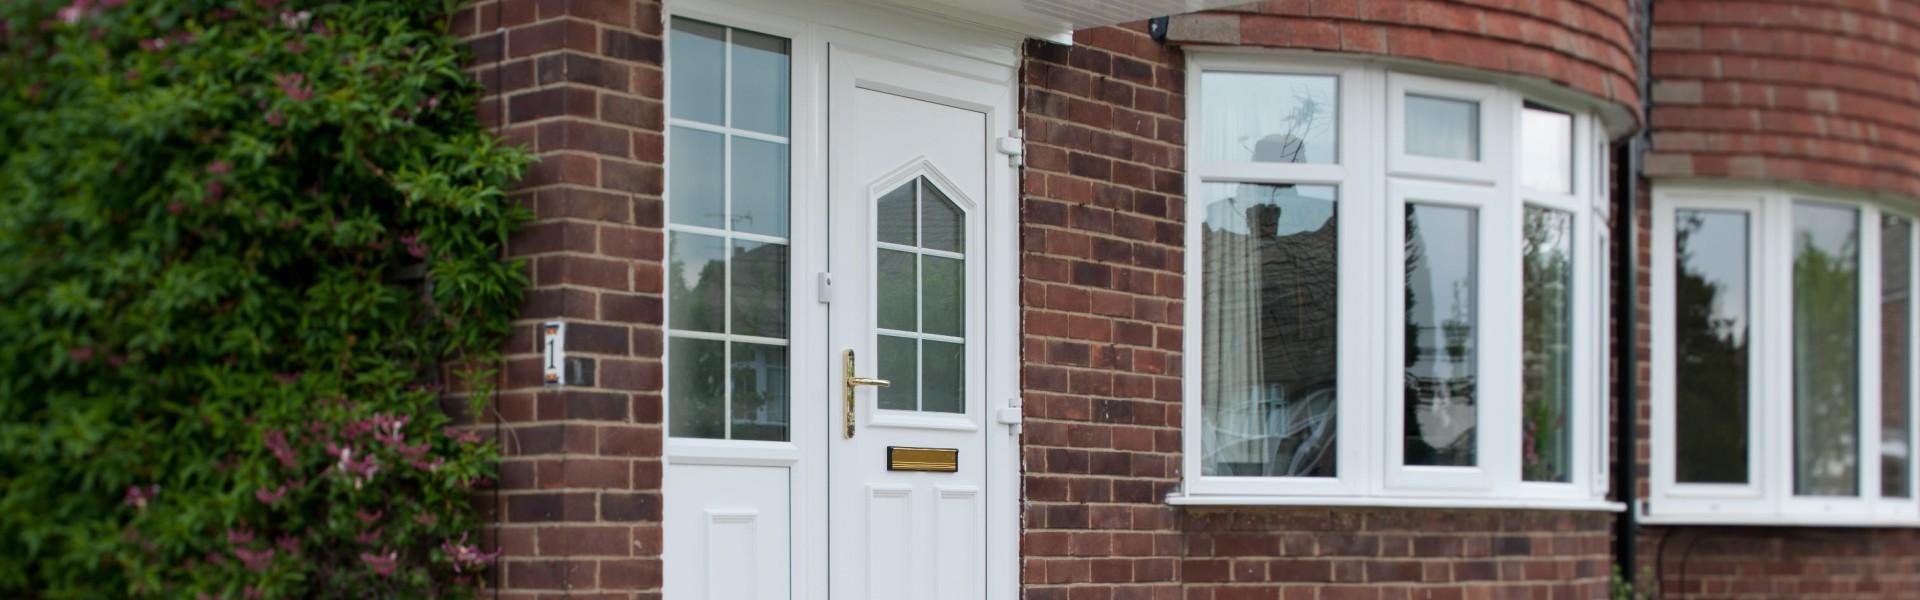 Front doors residential doors bournemouth ferndown upvc doors costs rubansaba